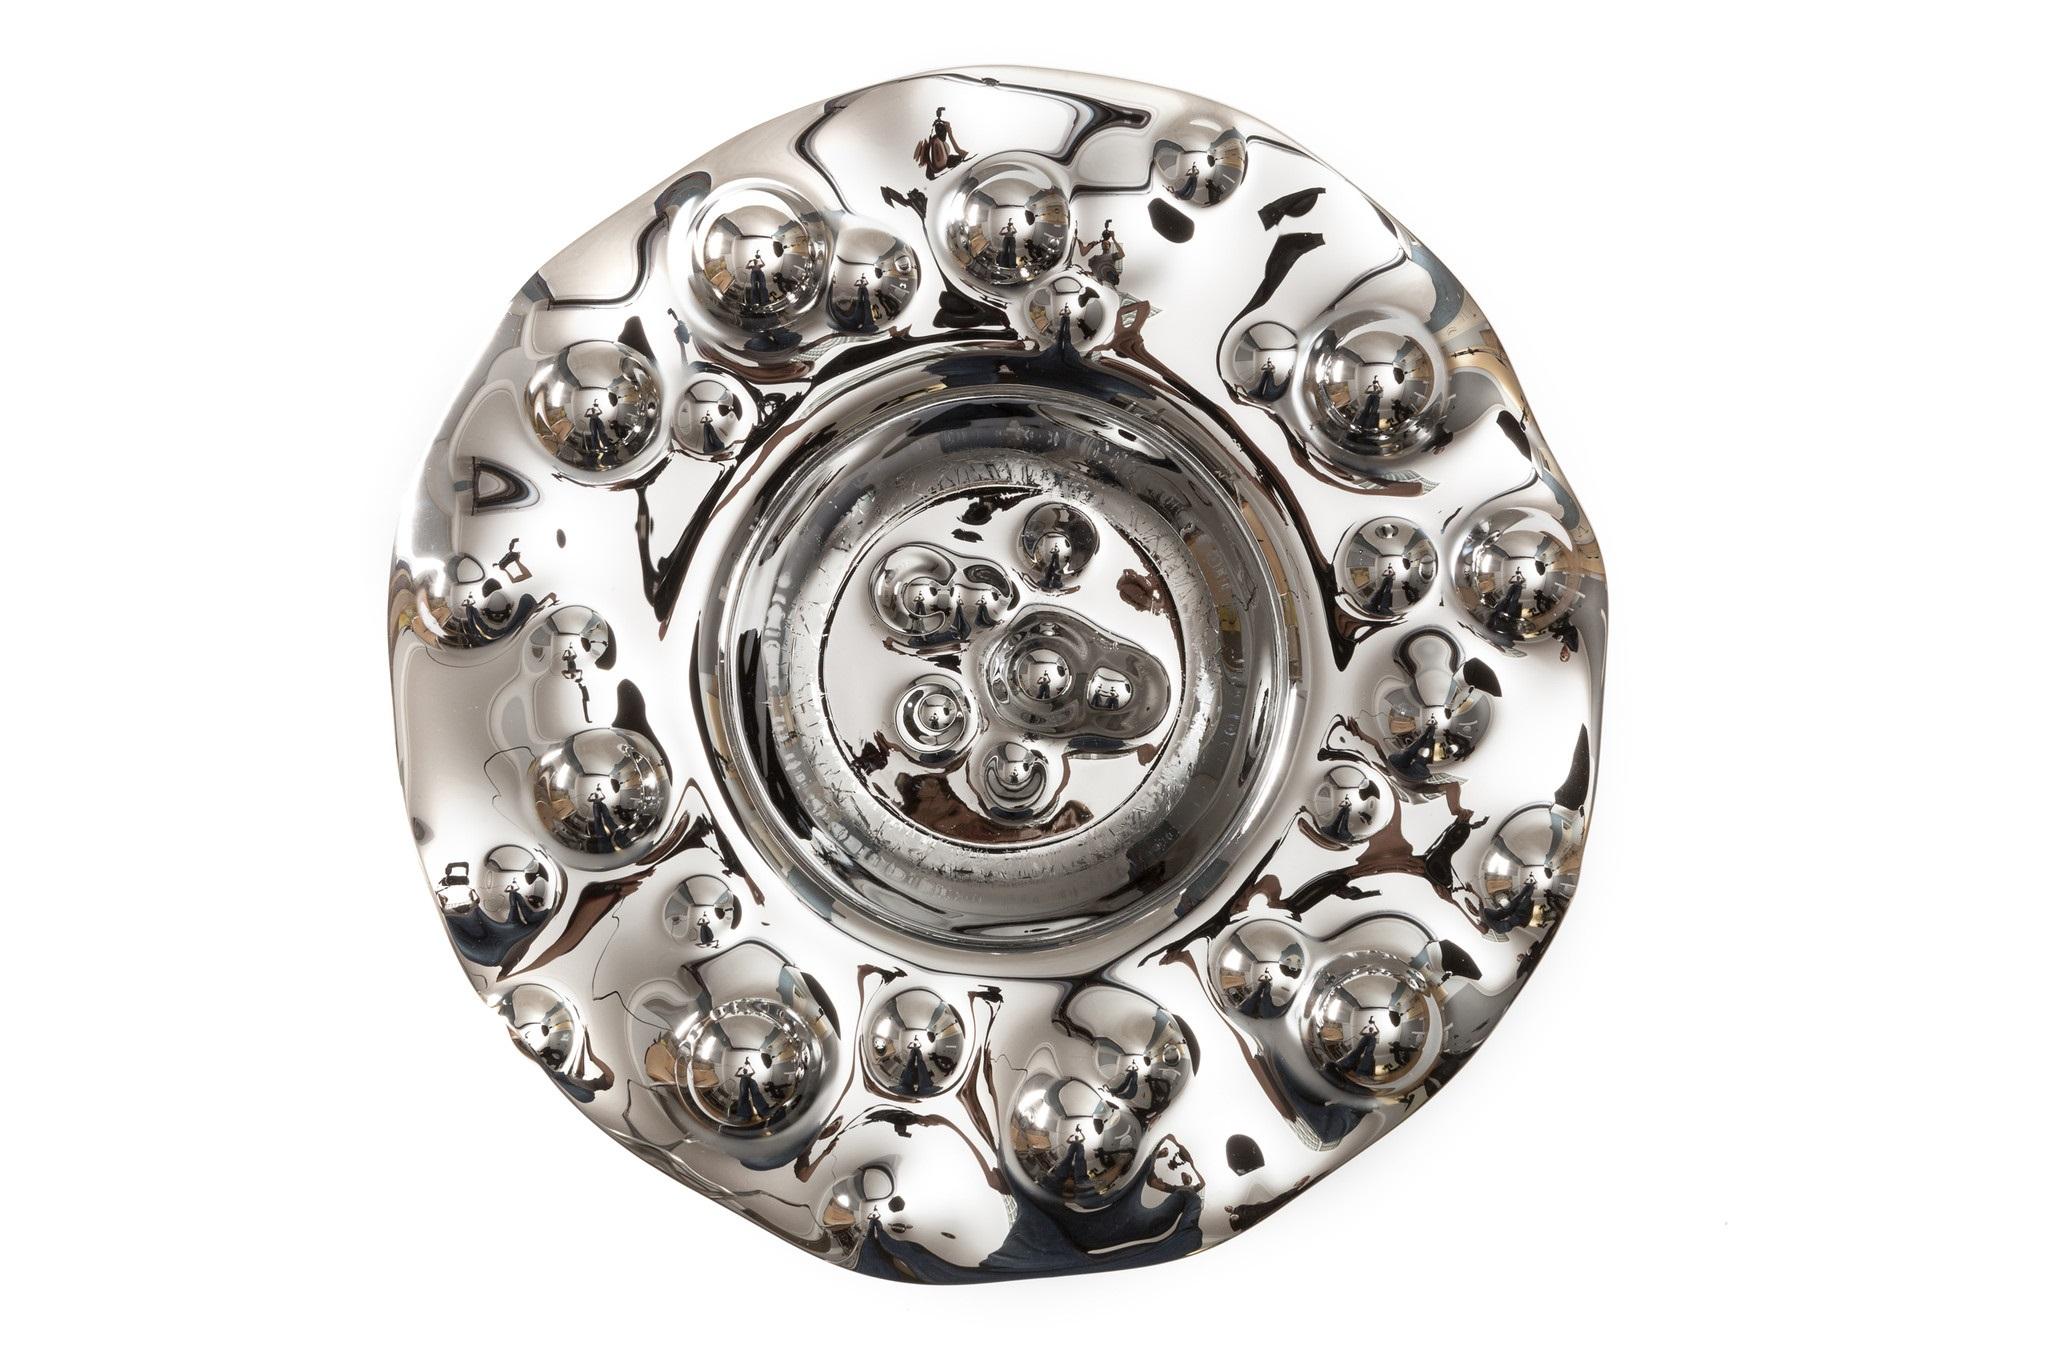 Ваза GeyzerДекоративные блюда<br>Как бурлящий фонтан, словно подземный горячий источник, Geyser Silver взрывает сознание, погружая в пучину собственных размышлений. Ценители практичных и компактных форм достойно оценят яркий и одновременно многофункциональный предмет интерьера под названием Geyser. Как уникальный арт-объект, в качестве вазы для фруктов, орешков и других вкусностей – найдите сами лучшее применение этому изделию.<br><br>Material: Стекло<br>Height см: 12<br>Diameter см: 41